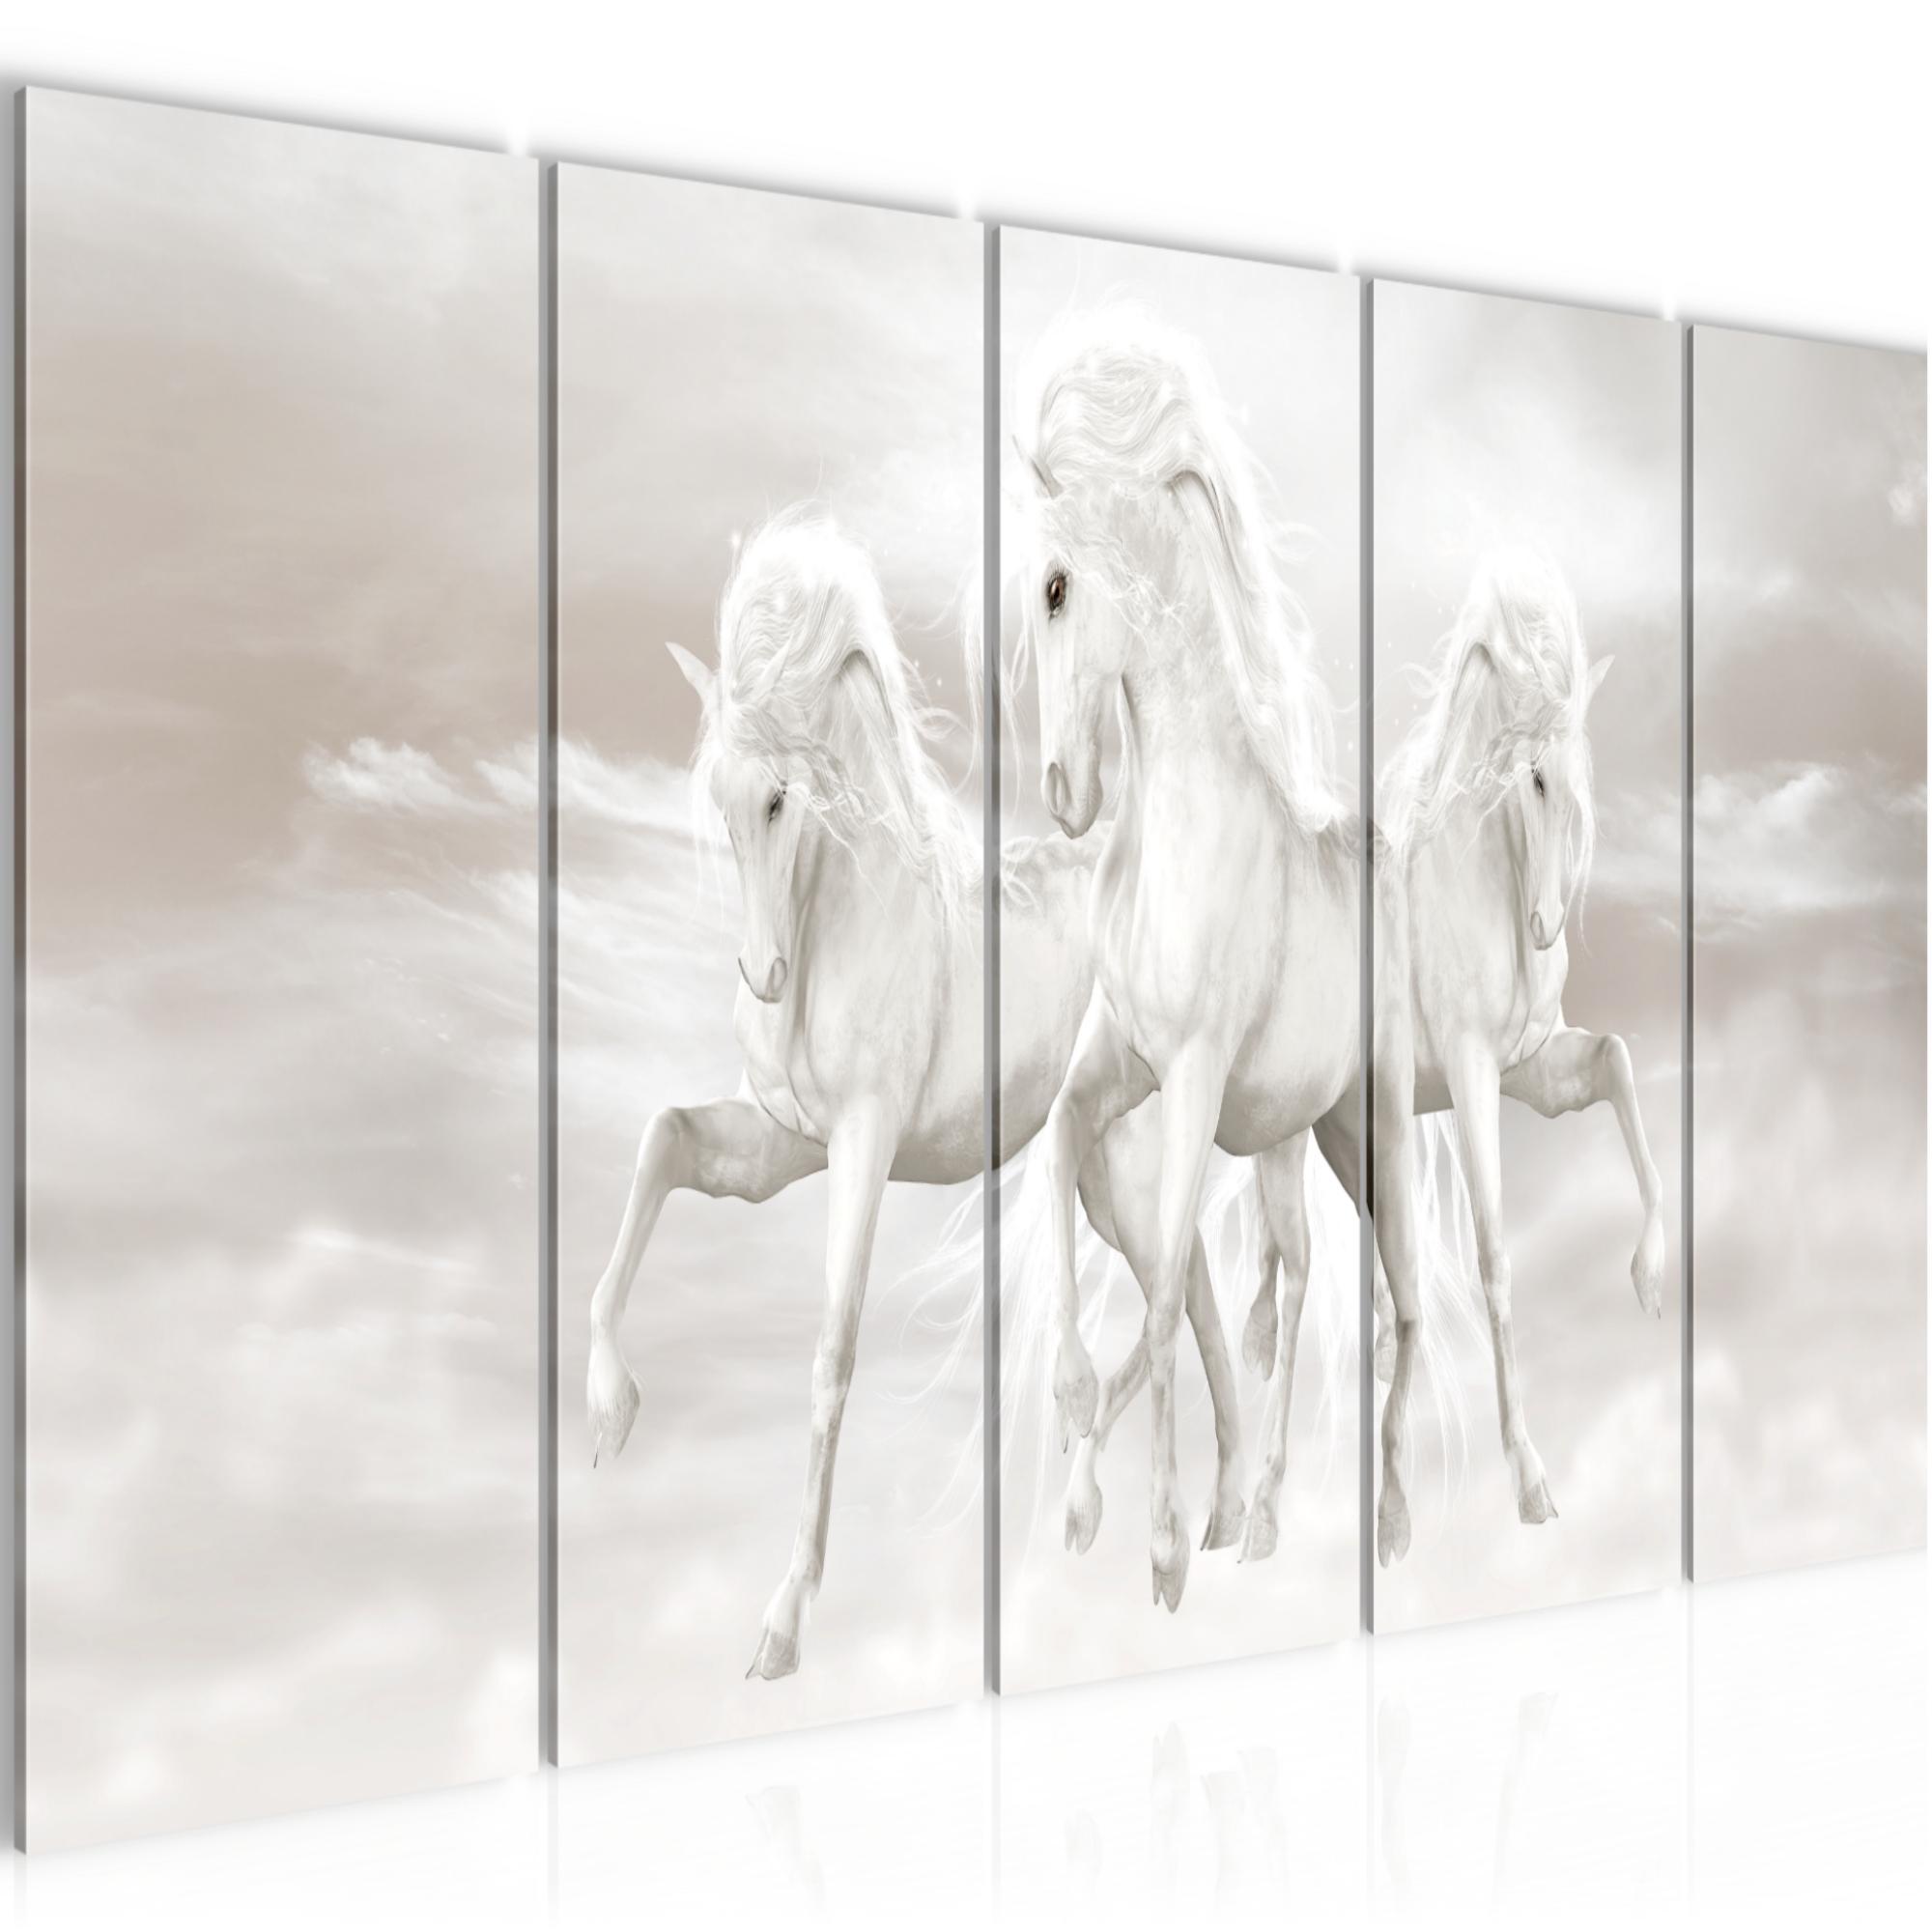 einhorn bild kunstdruck auf vlies leinwand xxl dekoration 022855p. Black Bedroom Furniture Sets. Home Design Ideas